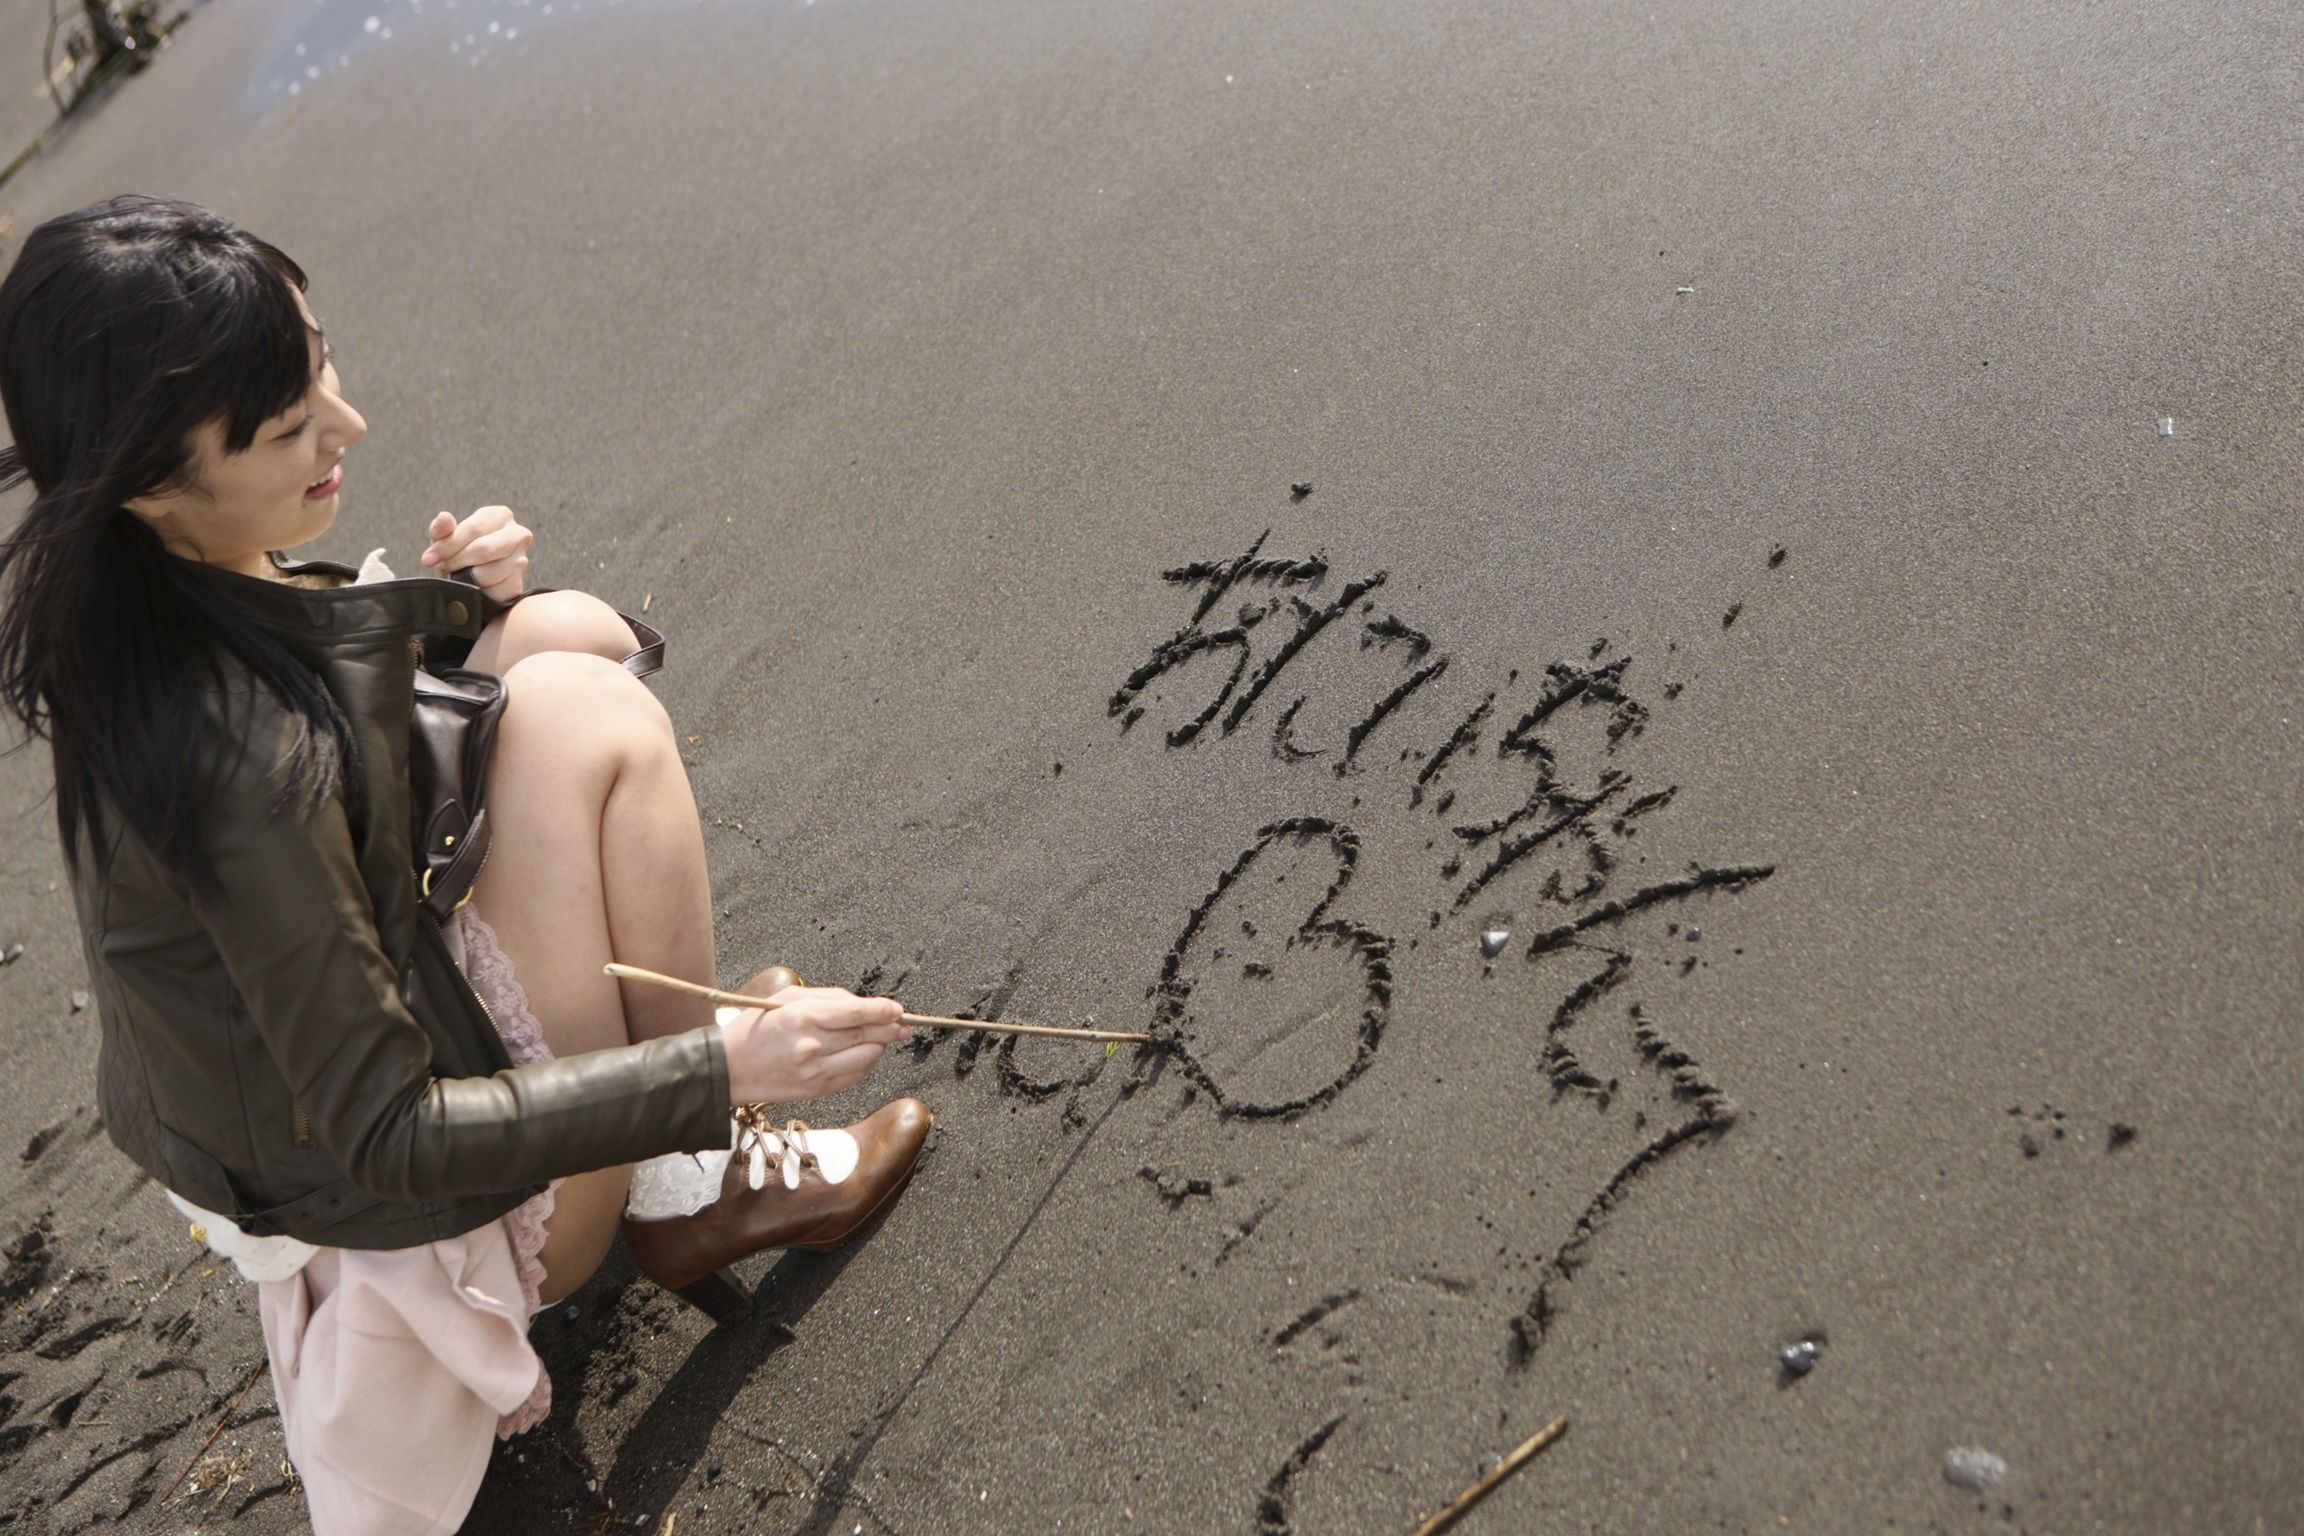 憧れの妹温泉旅行 由愛可奈  79photos